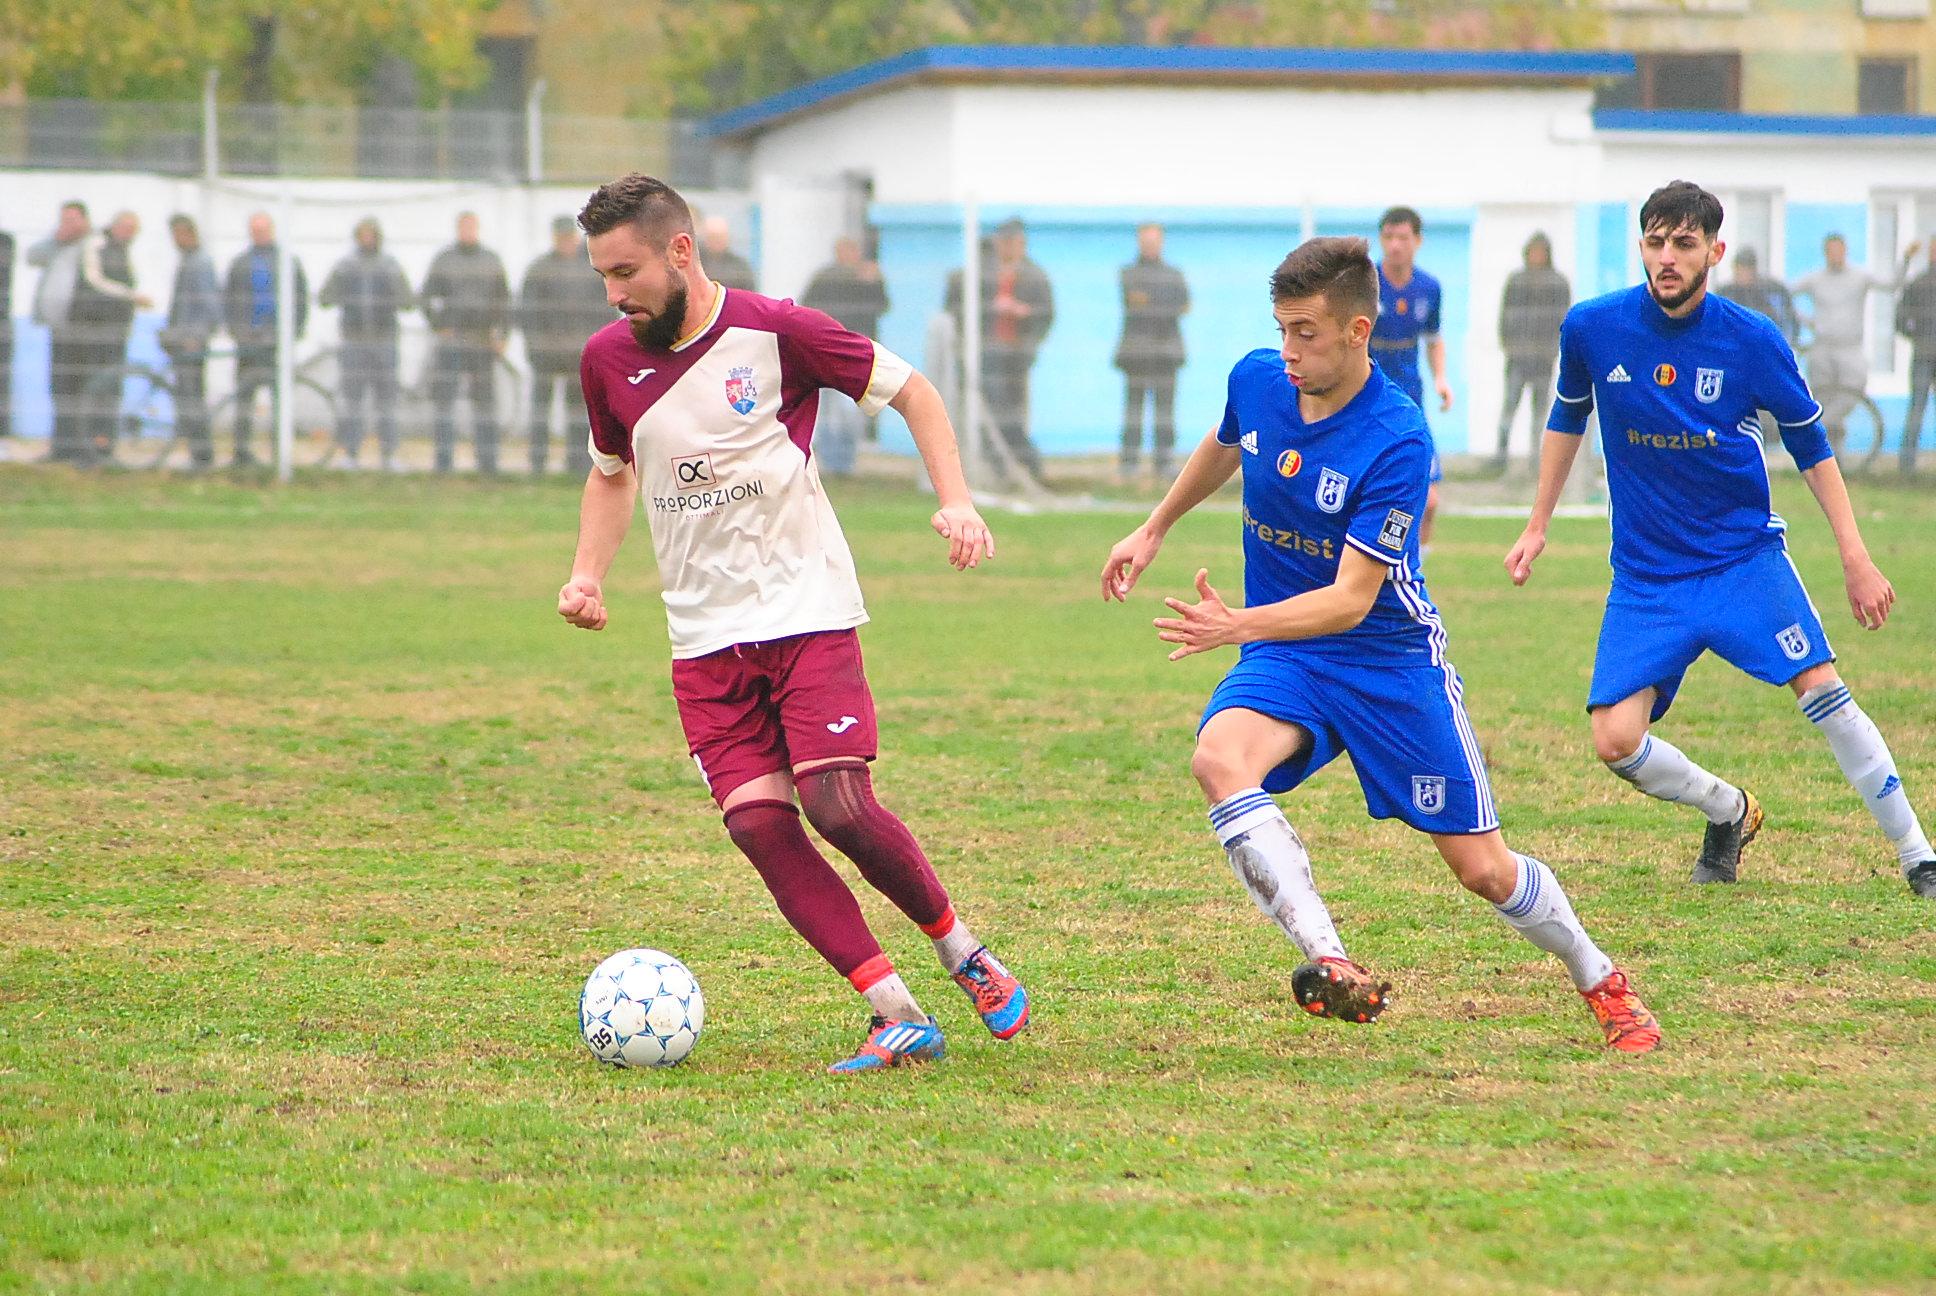 FC U și Dunărea, neînvinse în acest an